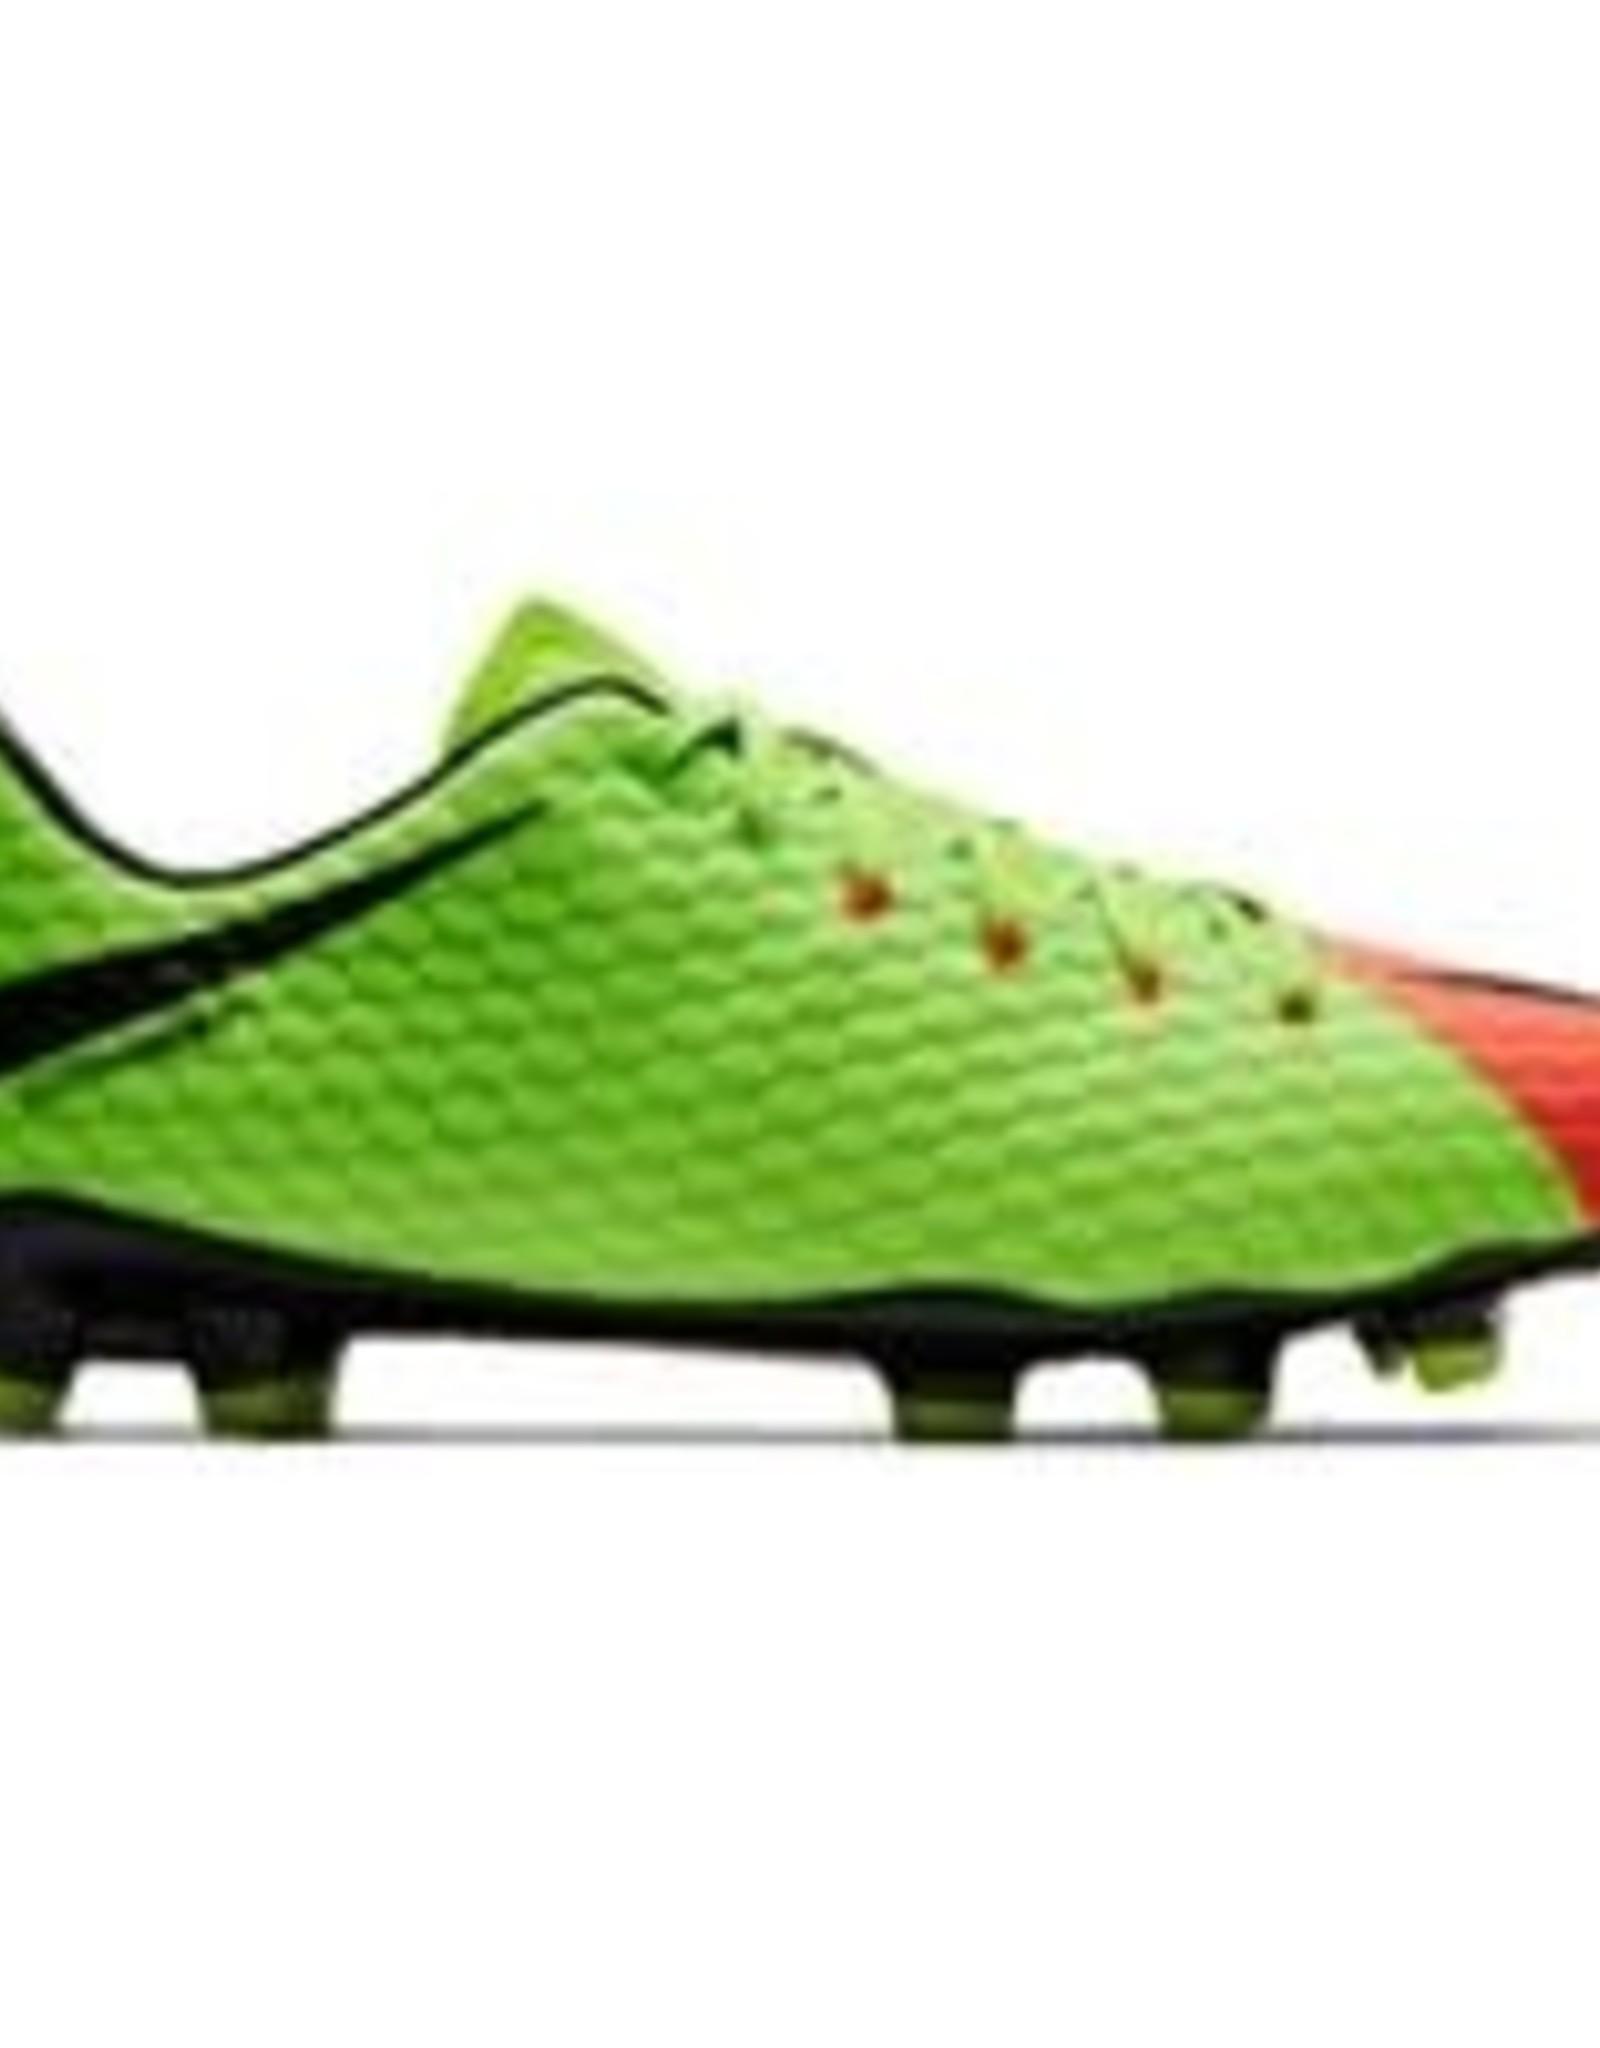 Nike Nike Hypervenom Phelon 111 FG